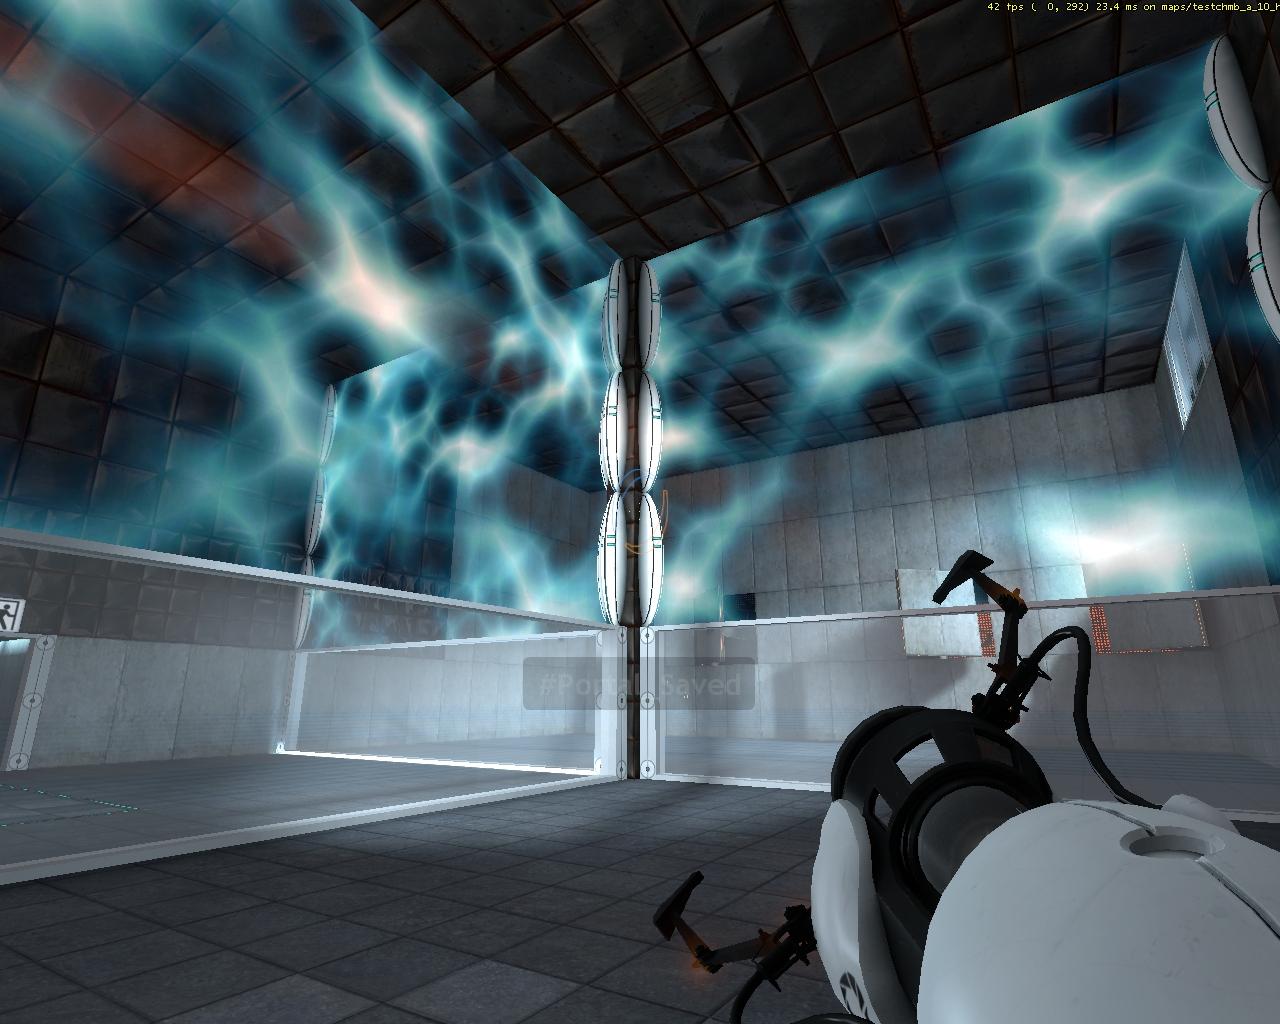 testchmb_a_10_hard0028.jpg - Portal Portal 2006, Portal Beta, testchmb_a_10_hard